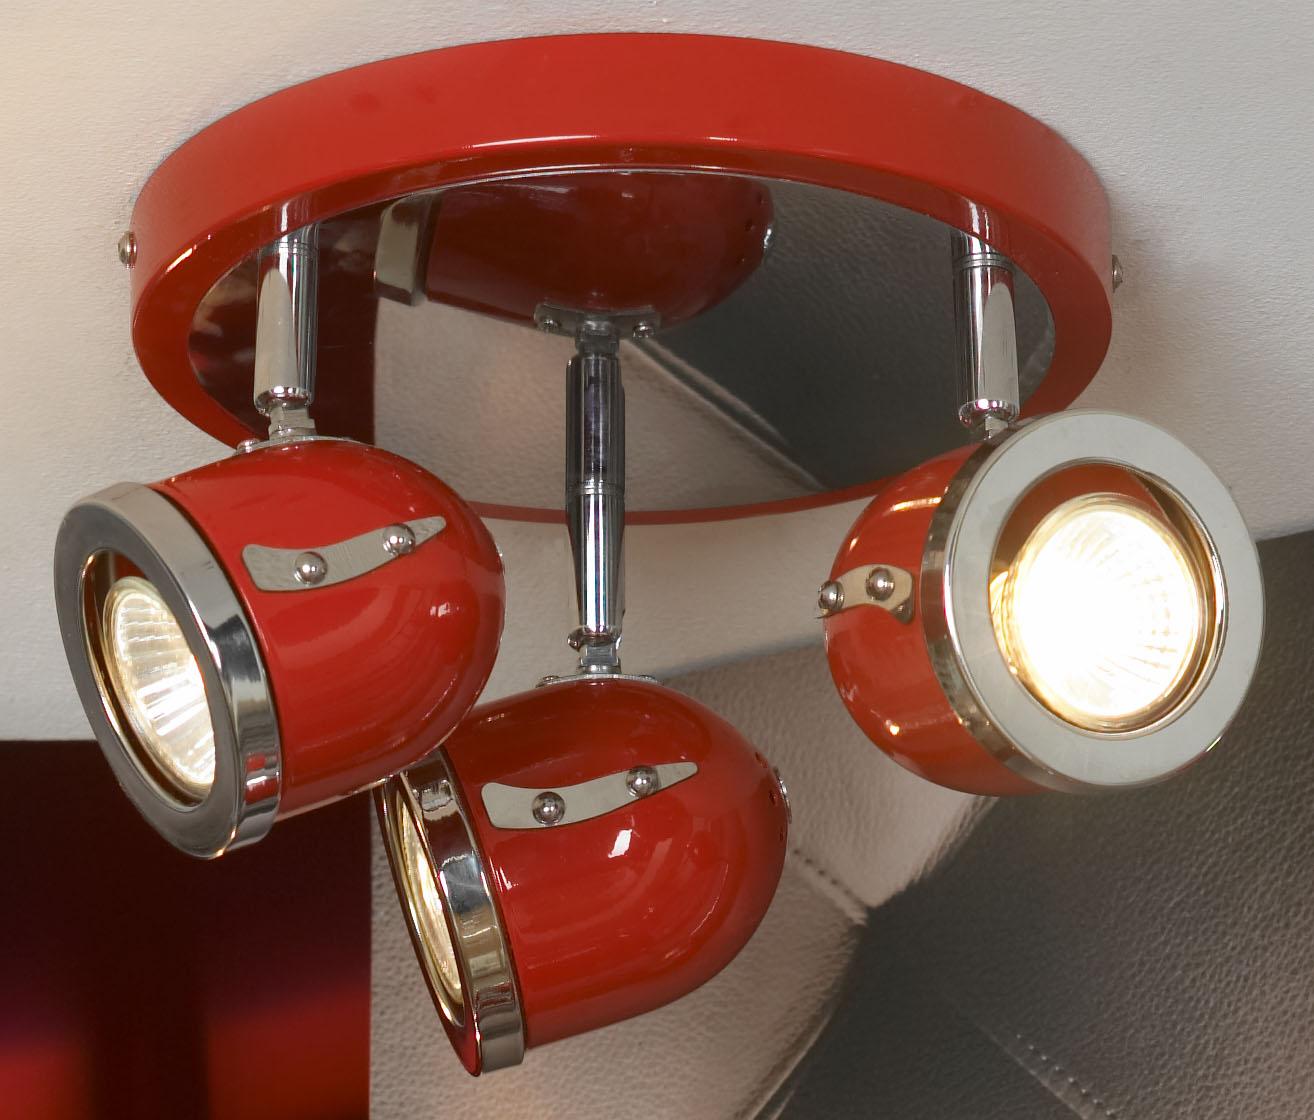 Спот LussoleСпоты<br>Тип: спот,<br>Стиль светильника: модерн,<br>Материал светильника: металл, стекло,<br>Количество ламп: 3,<br>Тип лампы: галогенная,<br>Мощность: 50,<br>Патрон: GU10,<br>Цвет арматуры: хром,<br>Ширина: 240,<br>Длина (мм): 160<br>